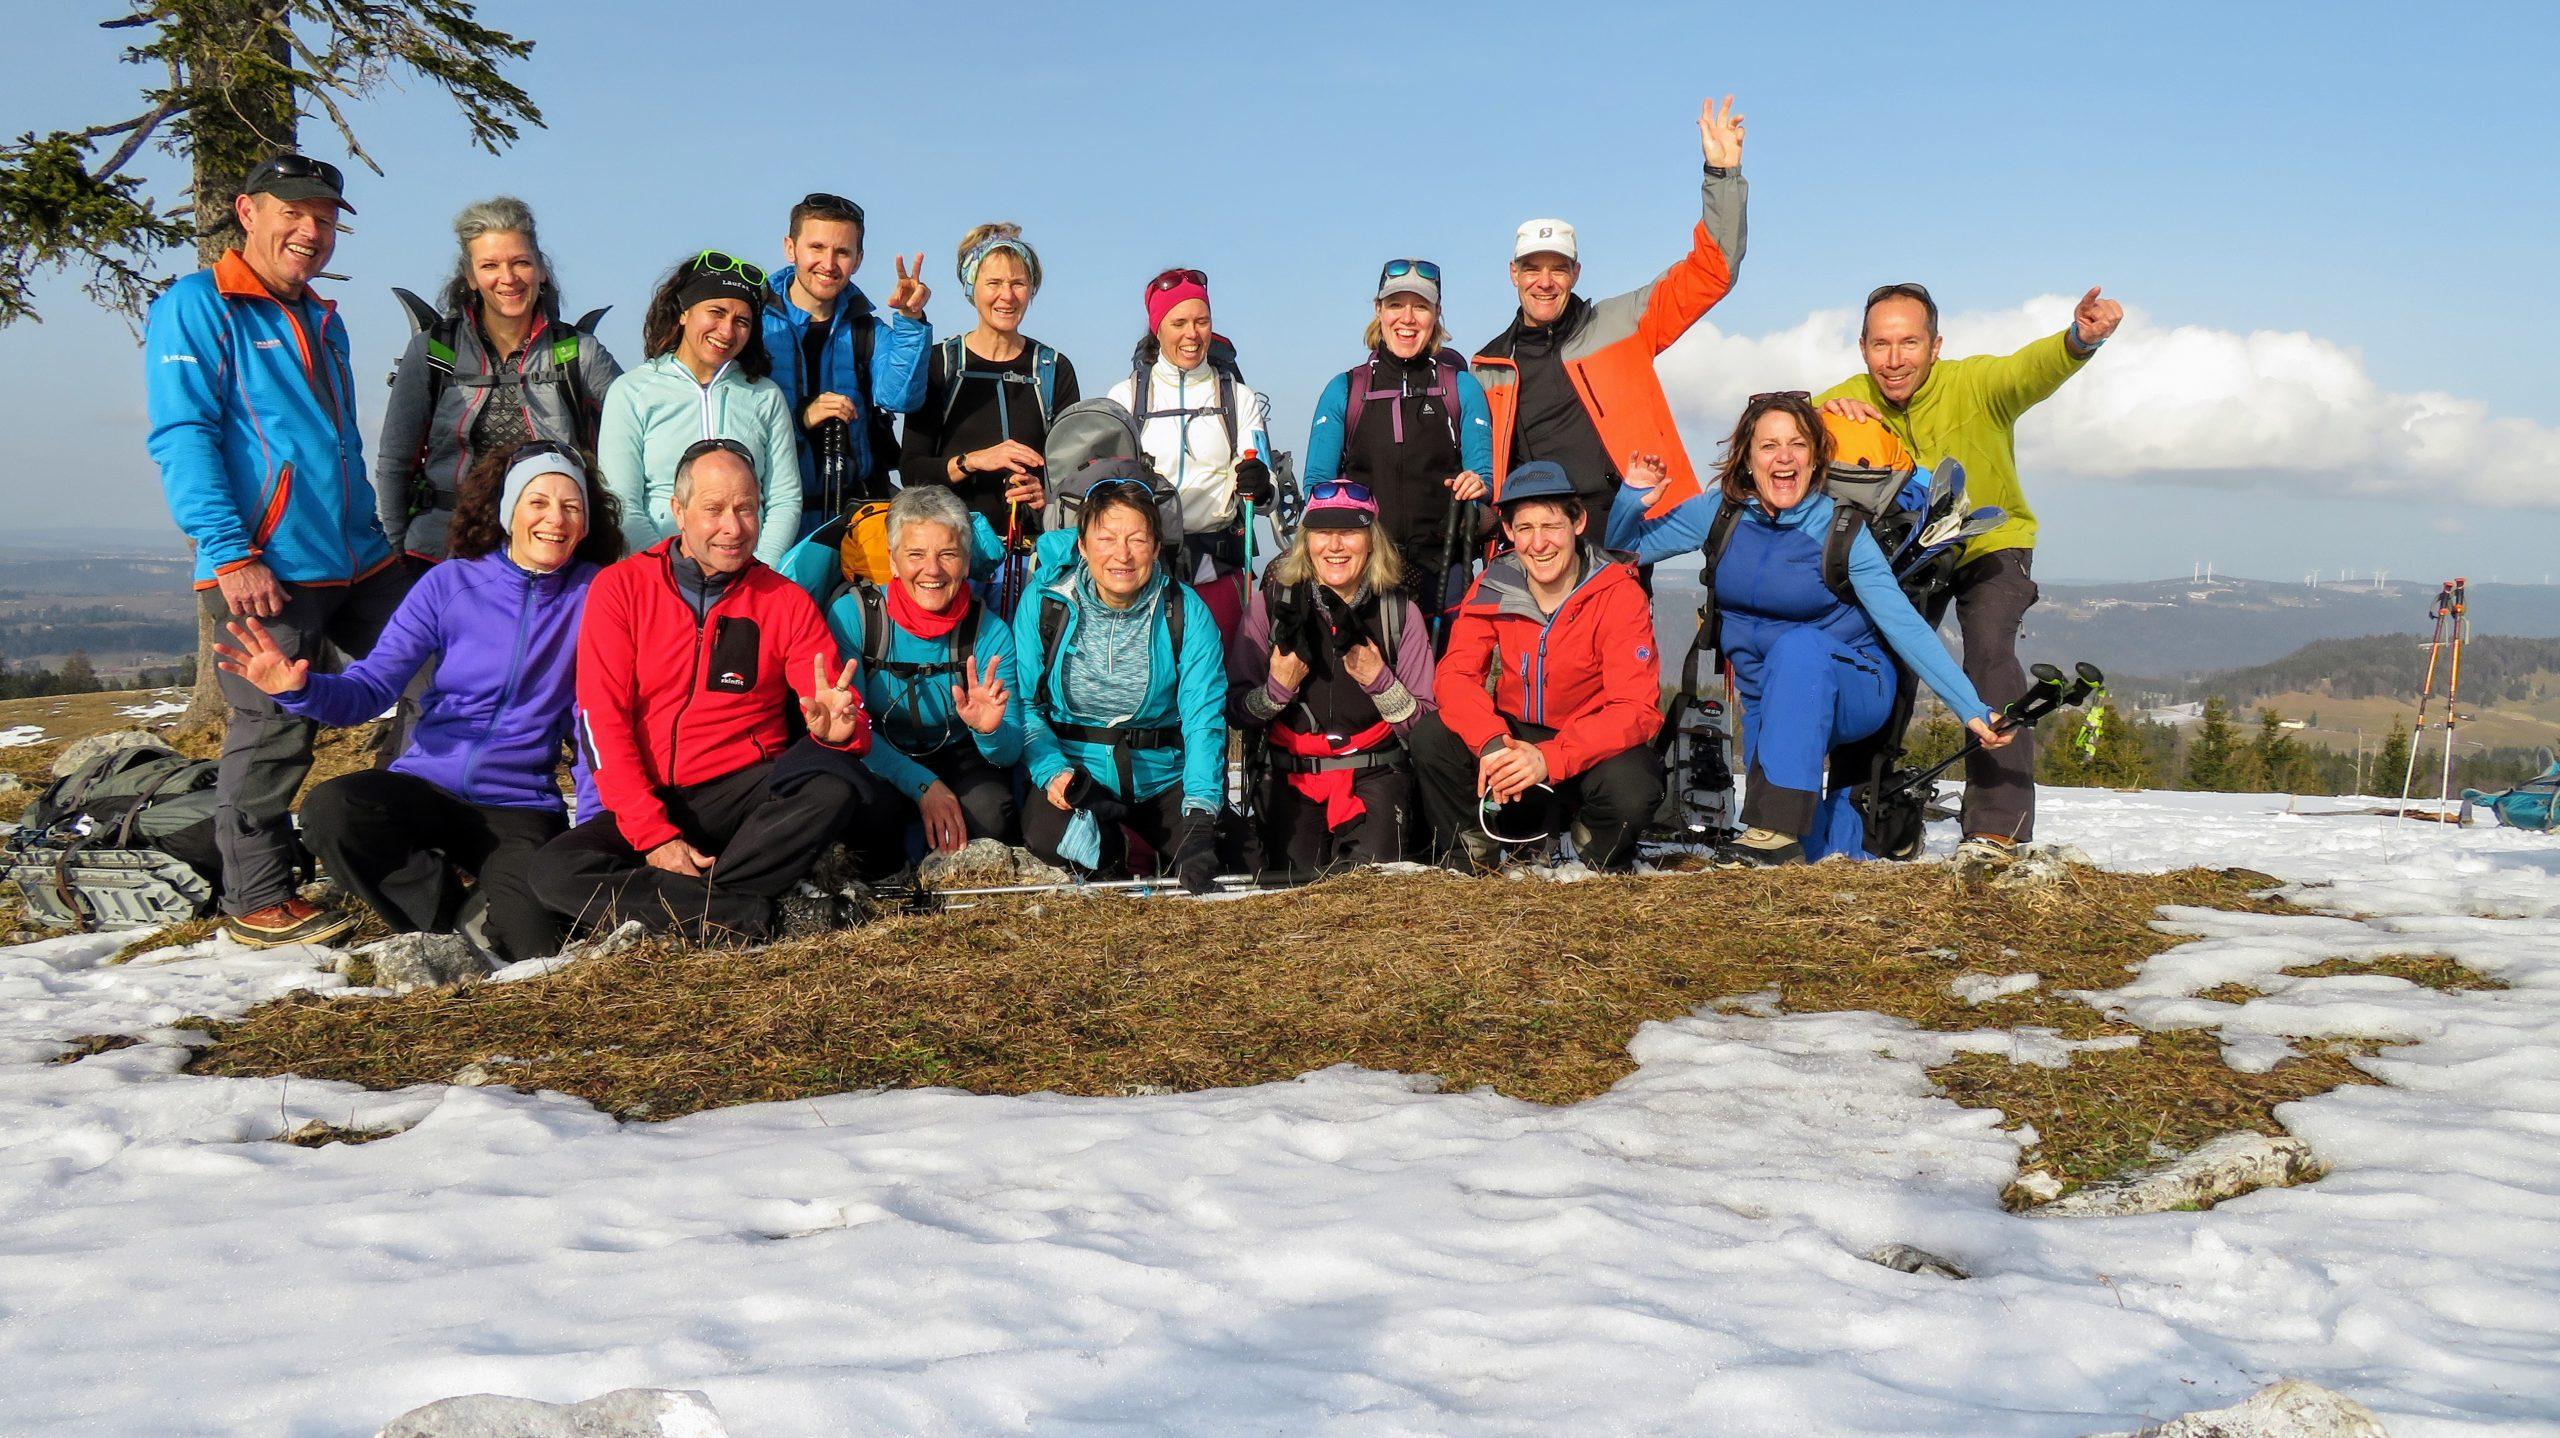 Winterwanderung im Jura